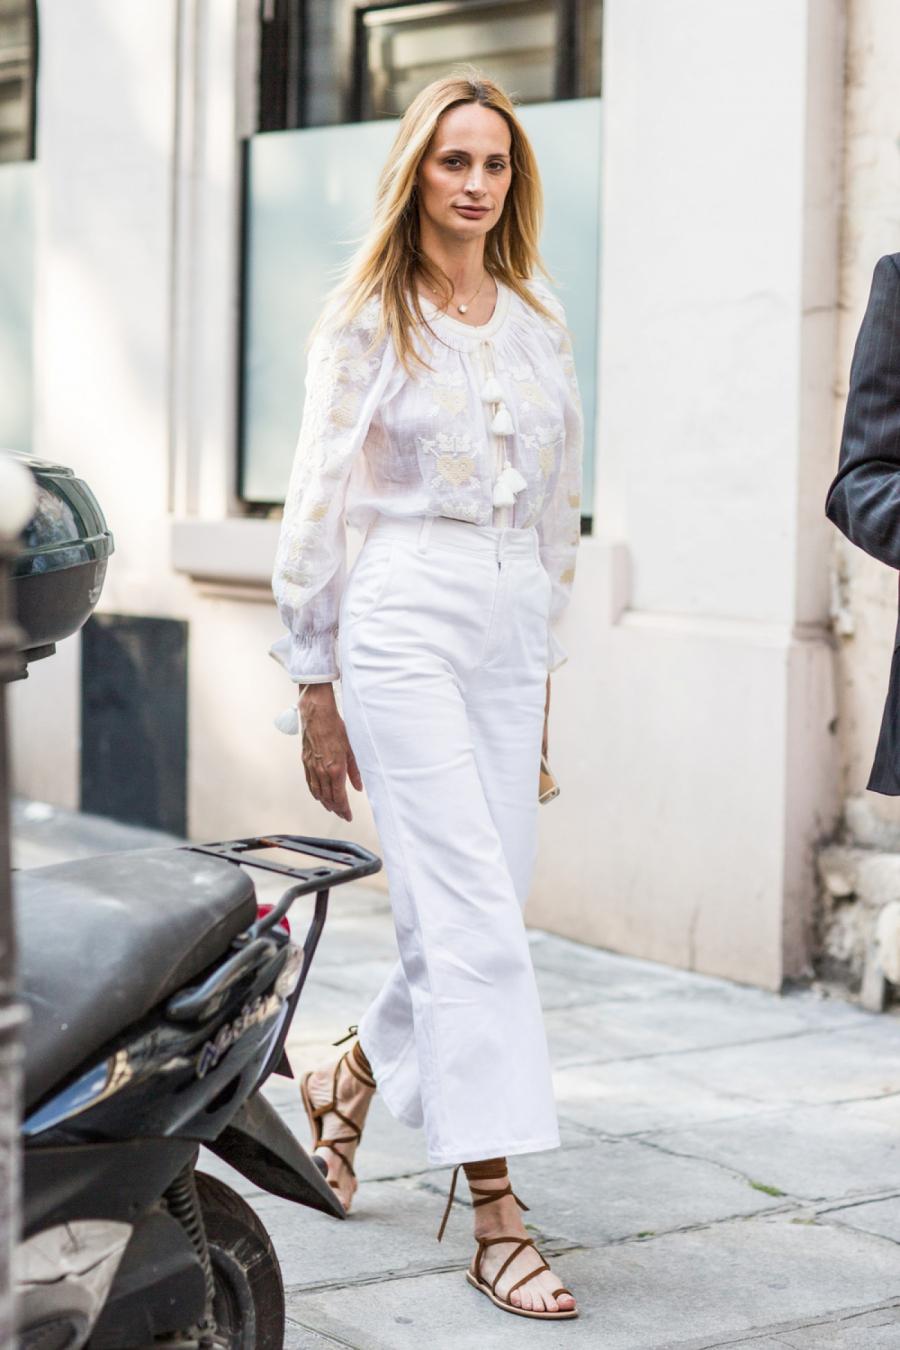 Có vẻ sẽ thiếu sót nếu không nhắc đến gam màu trắng, tông màu được các tín đồ thời trang yêu thích và lựa chọn để mặc trang phục đơn sắc.